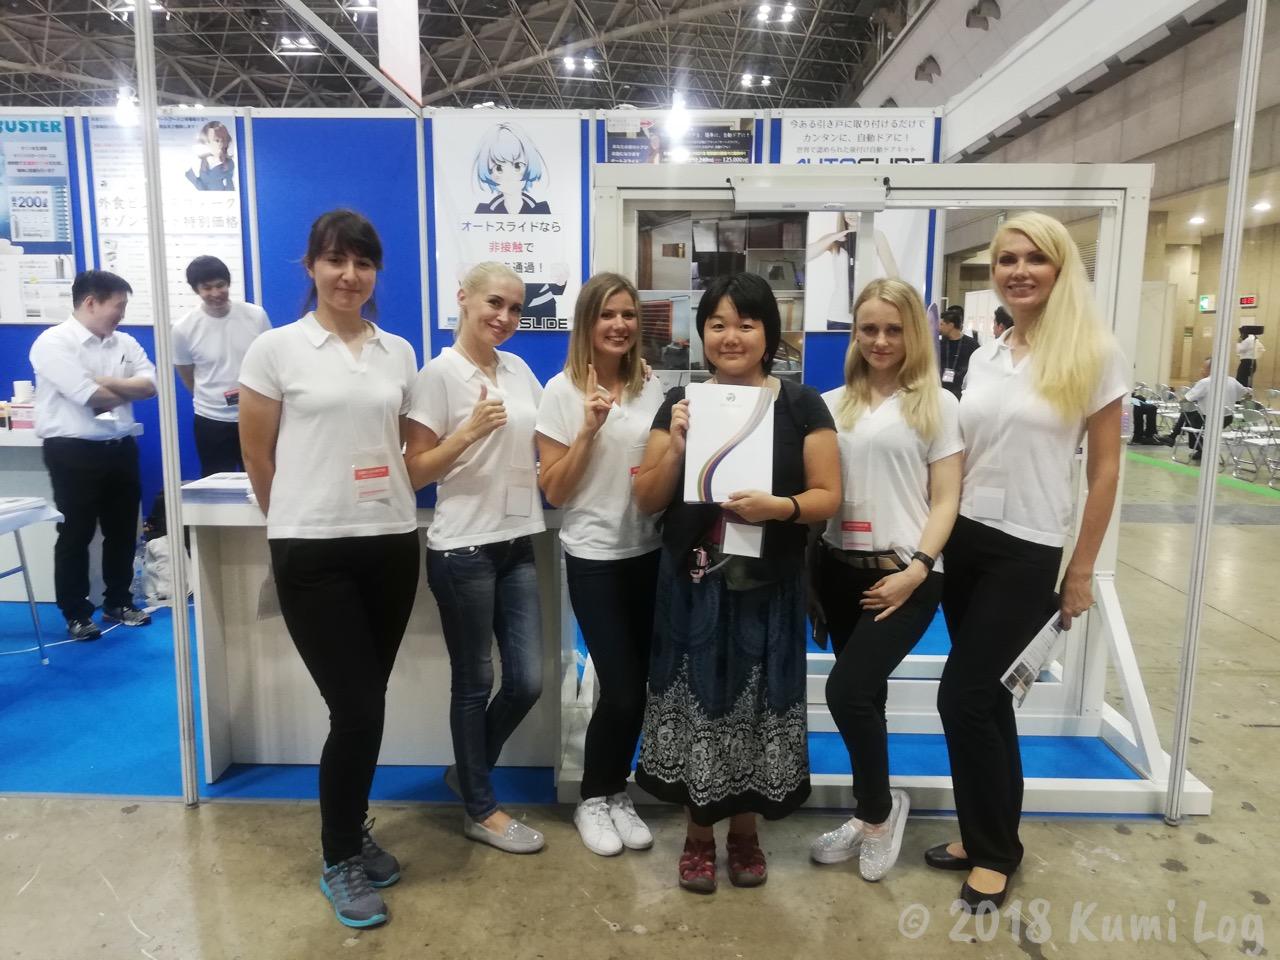 ロシア人美女たちと